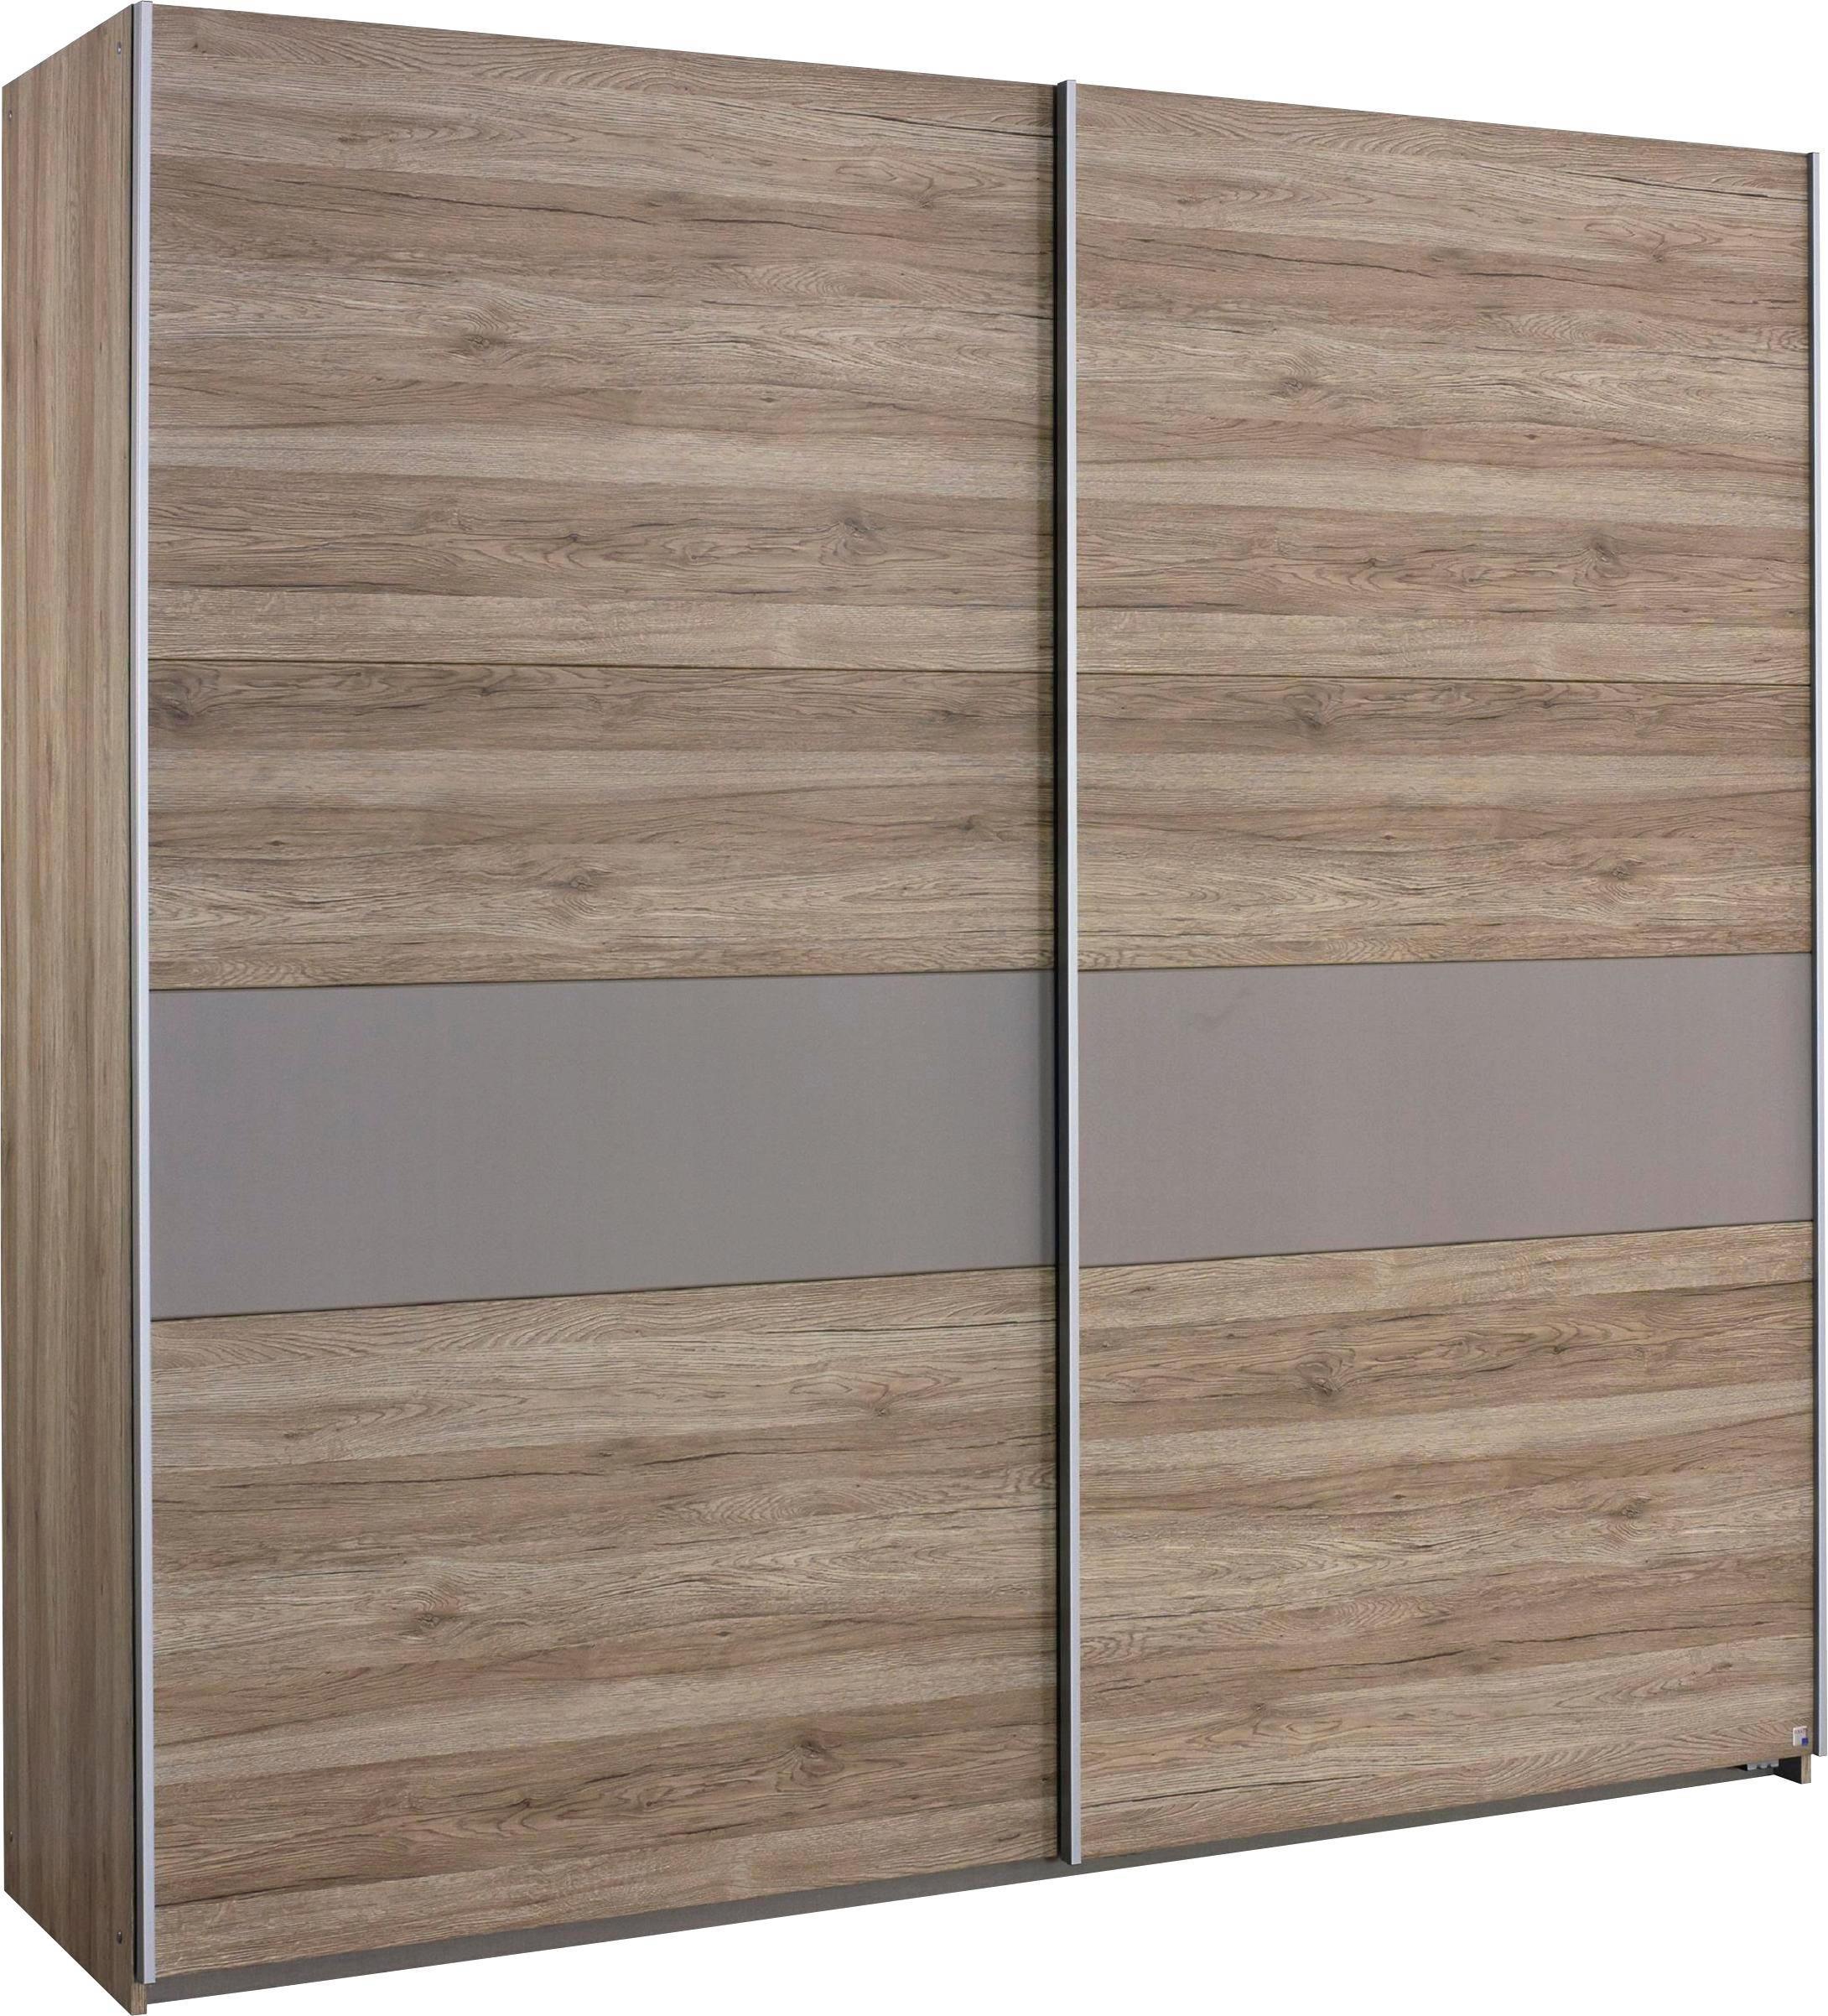 Groß Küchenschranktüren Nur Fotos - Ideen Für Die Küche Dekoration ...